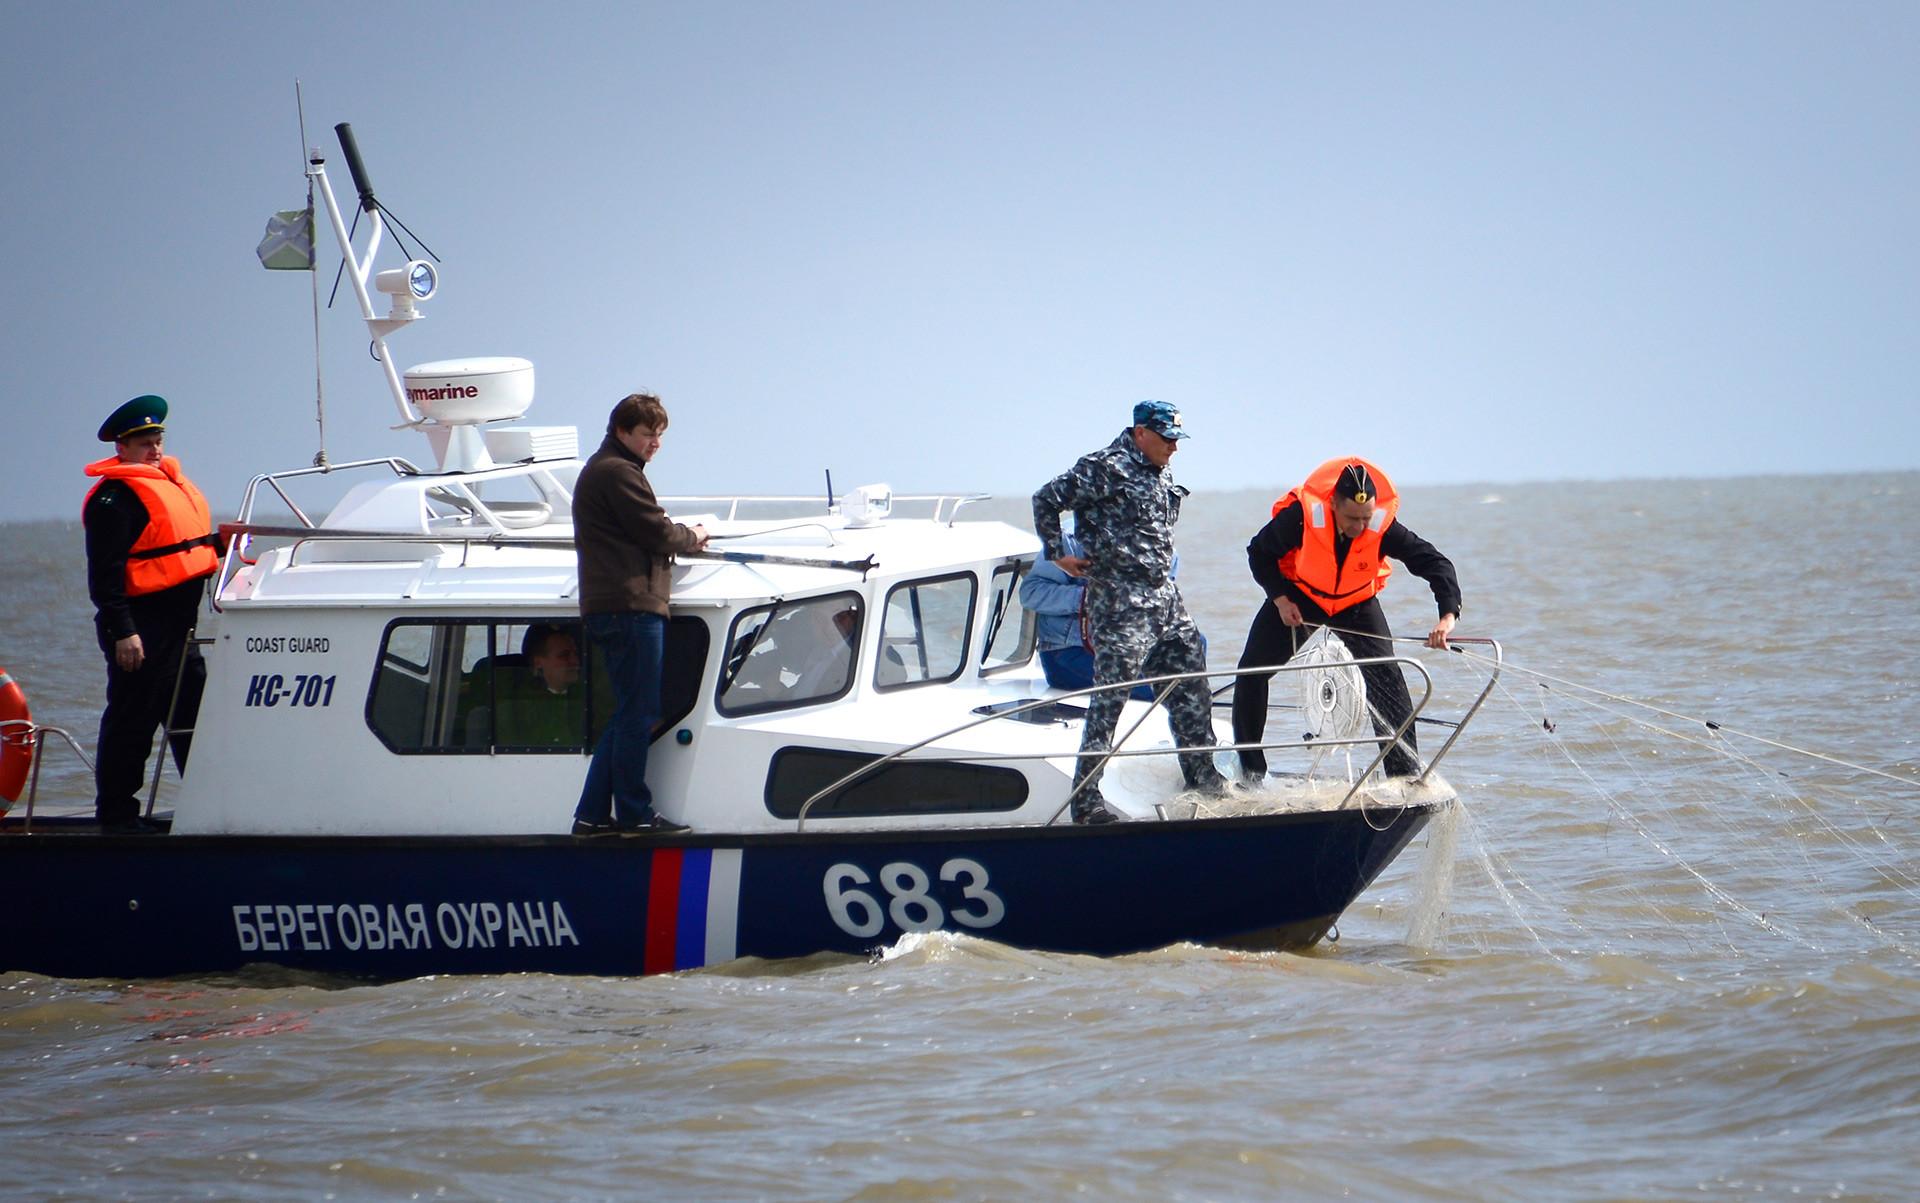 Agentes del FSB en el Territoro de Primorie durante una inspección.